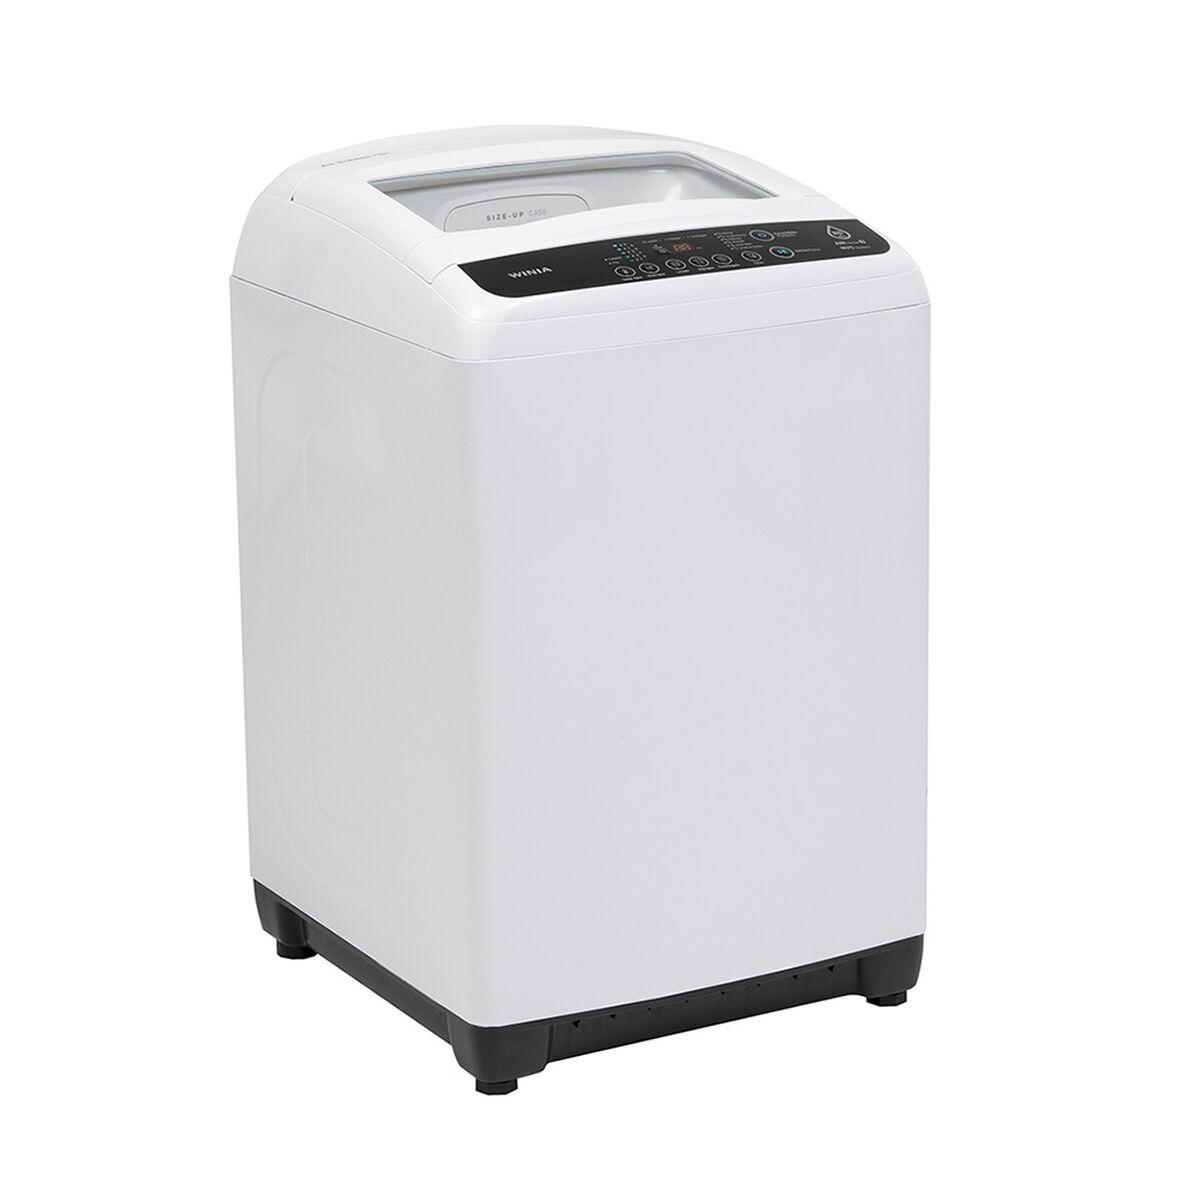 Lavadora Automática Winia DWF-M146WB 14,5 kg.